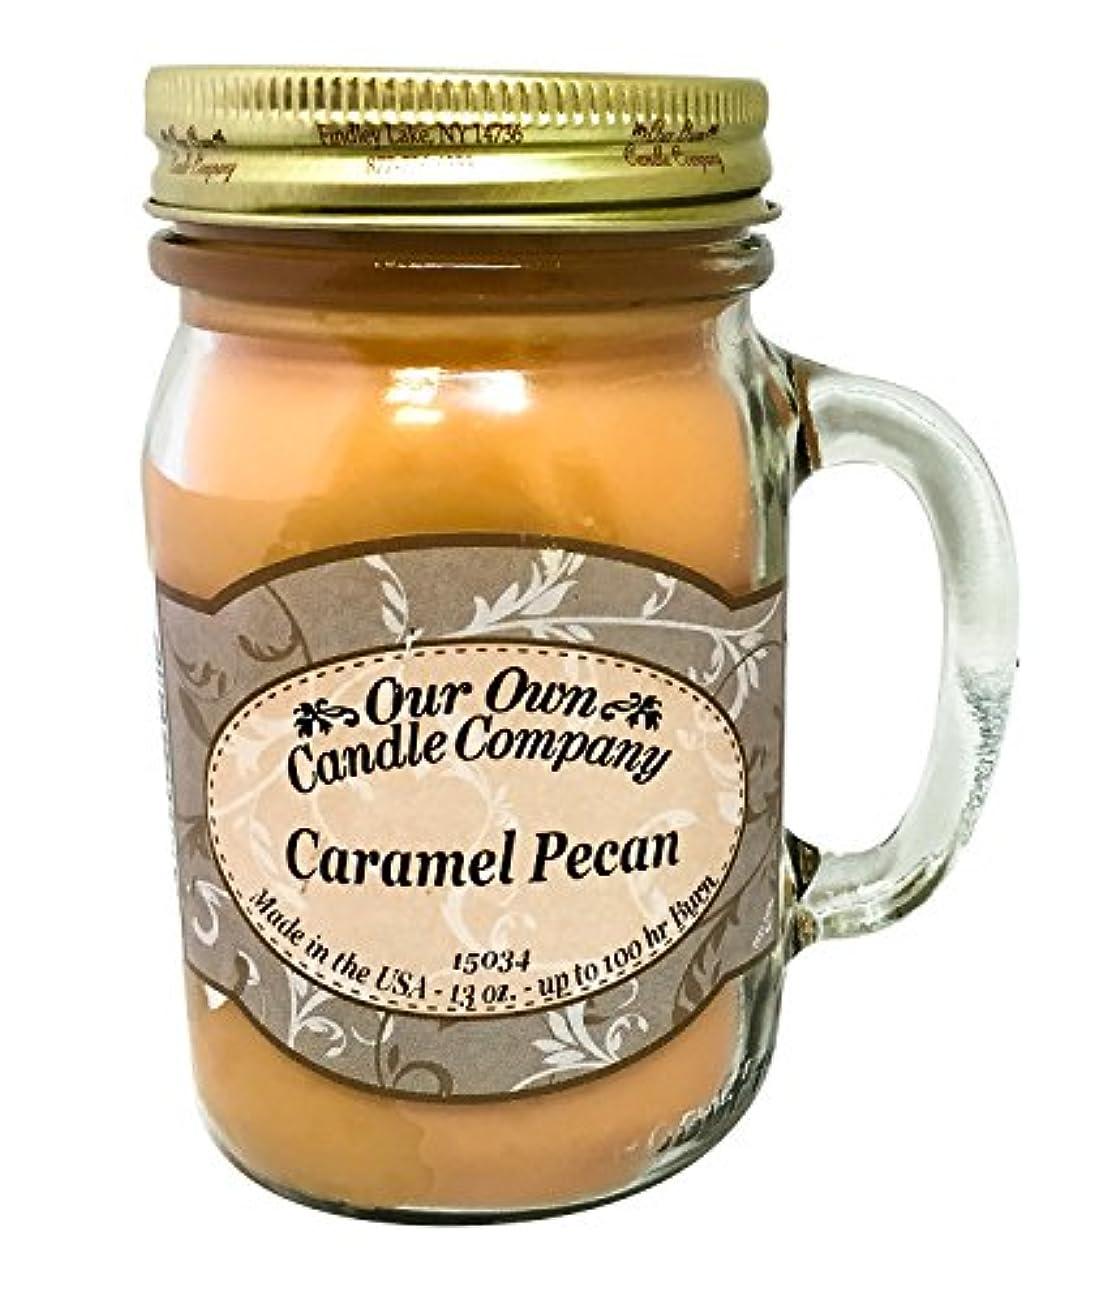 前投薬アシスタント診断するアロマキャンドル メイソンジャー キャラメルピーカン ビッグ Our Own Candle Company Caramel Pecan big